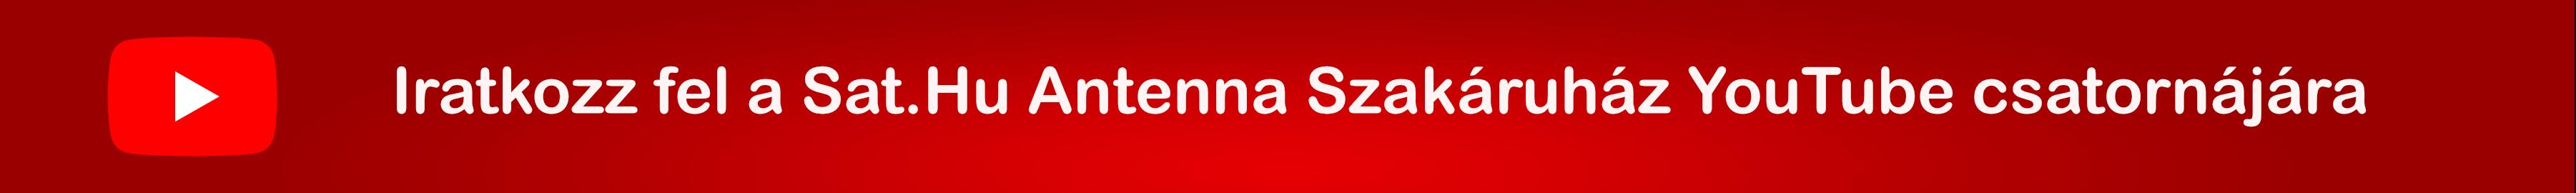 Sat.Hu Antenna Szakáruház YouTube csatorna